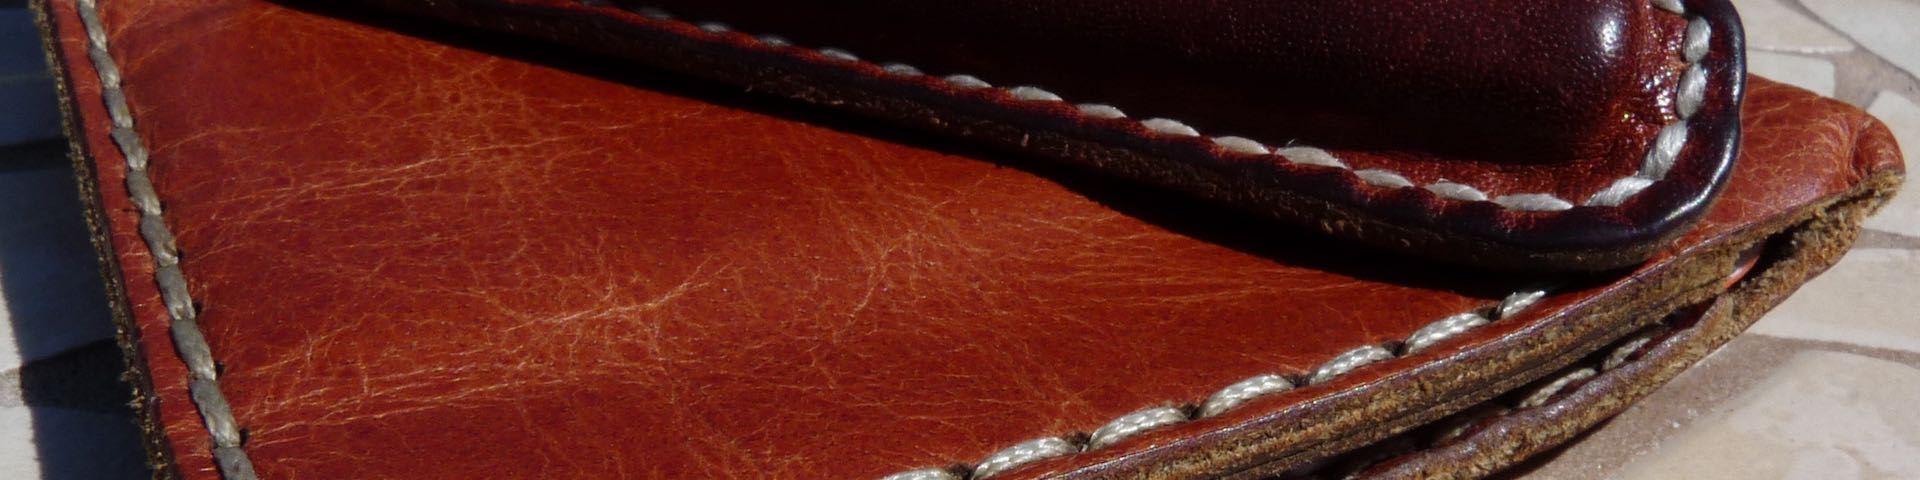 Galen wallet notebook featured